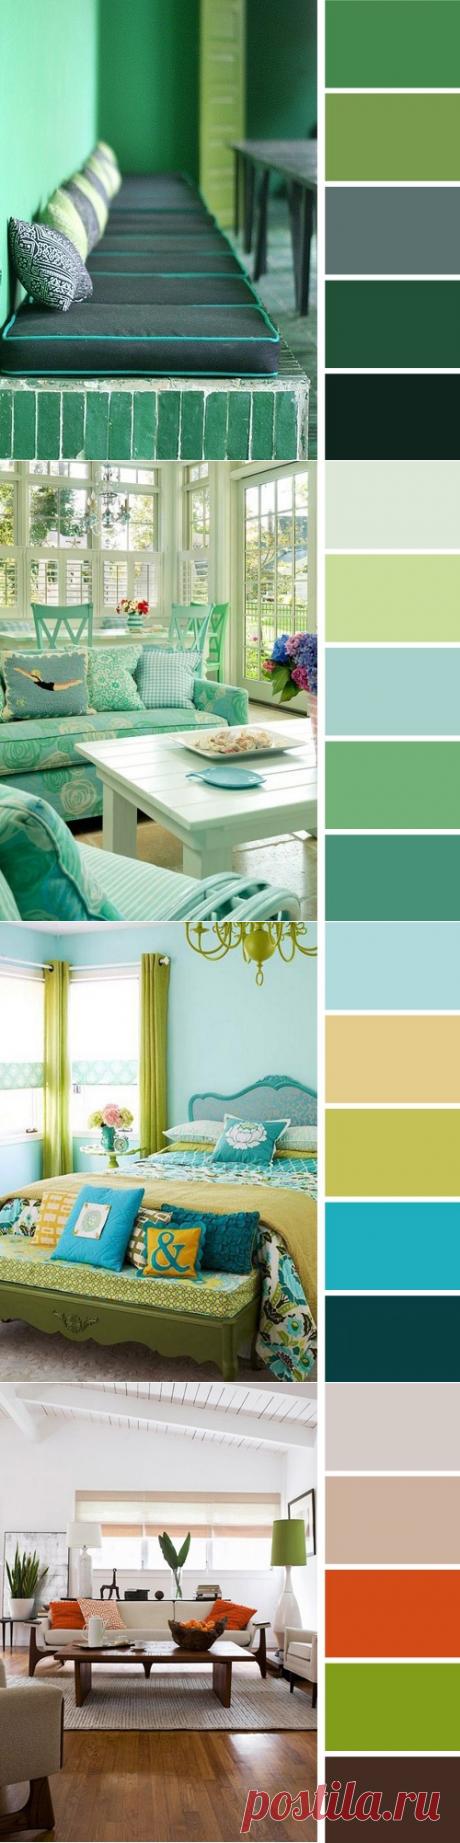 Сам себе дизайнер: 20 идеальных цветовых схем для интерьера — Полезные советы